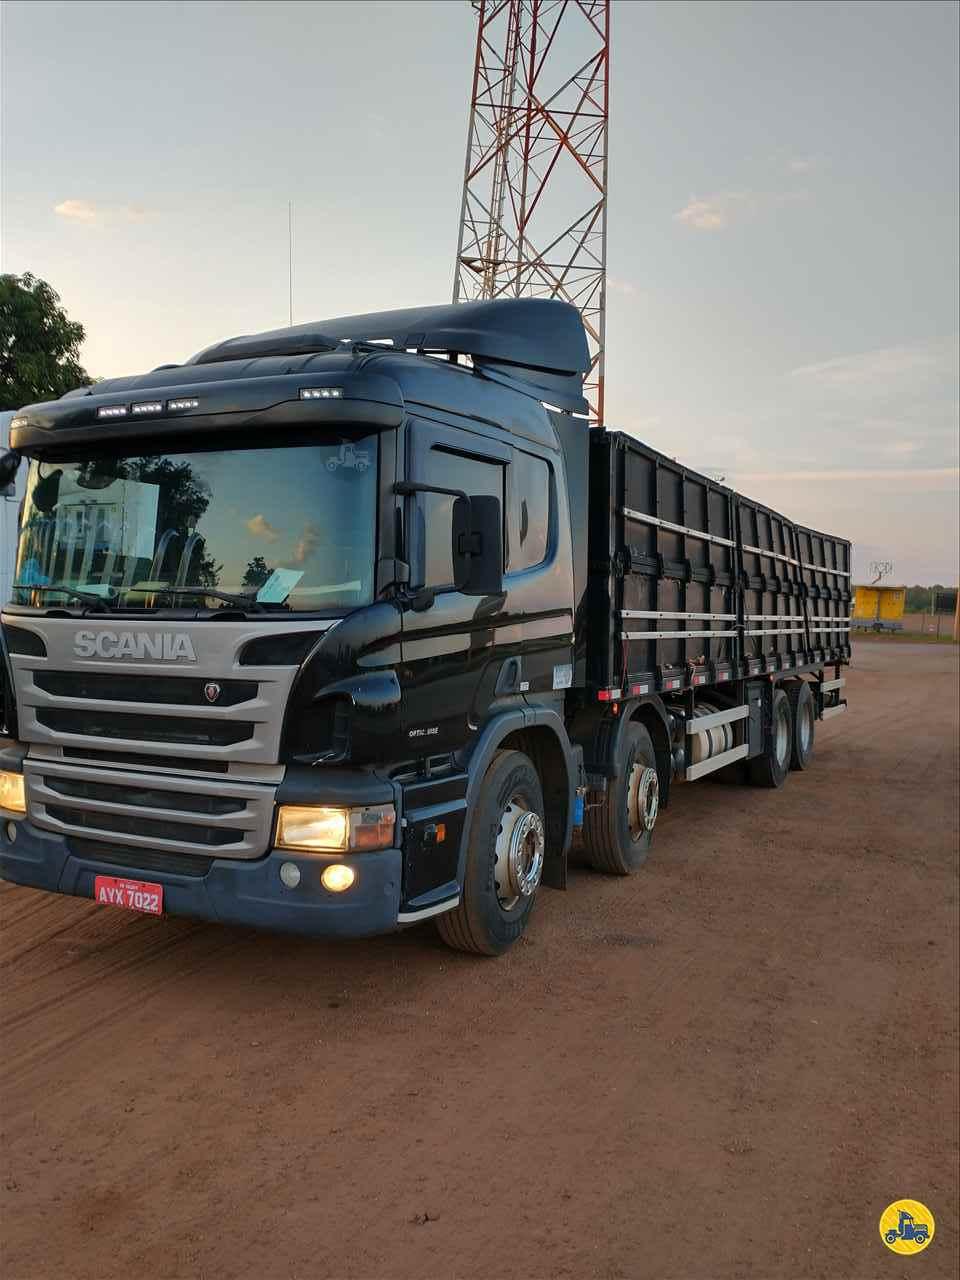 CAMINHAO SCANIA SCANIA P310 Carga Seca BiTruck 8x2 Cotral Caminhões SERRA DO SALITRE MINAS GERAIS MG